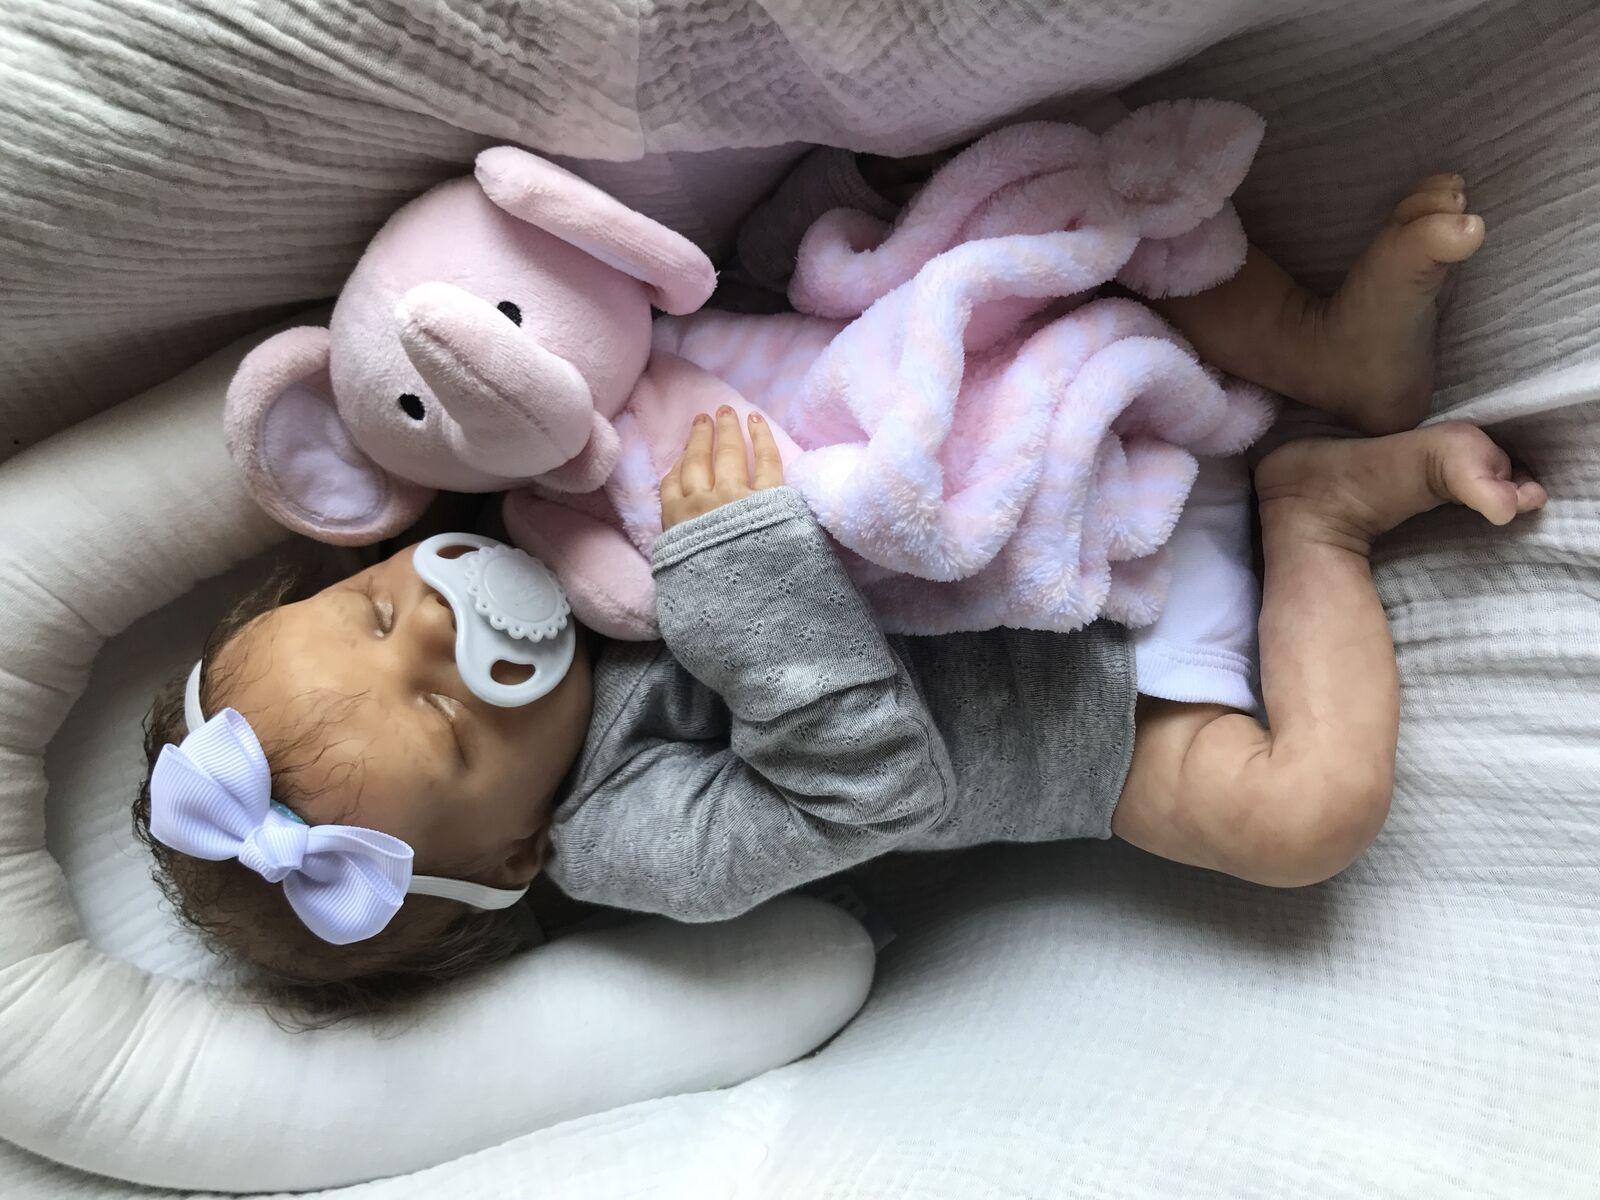 Kearbear's Reborn Baby Dolls & More